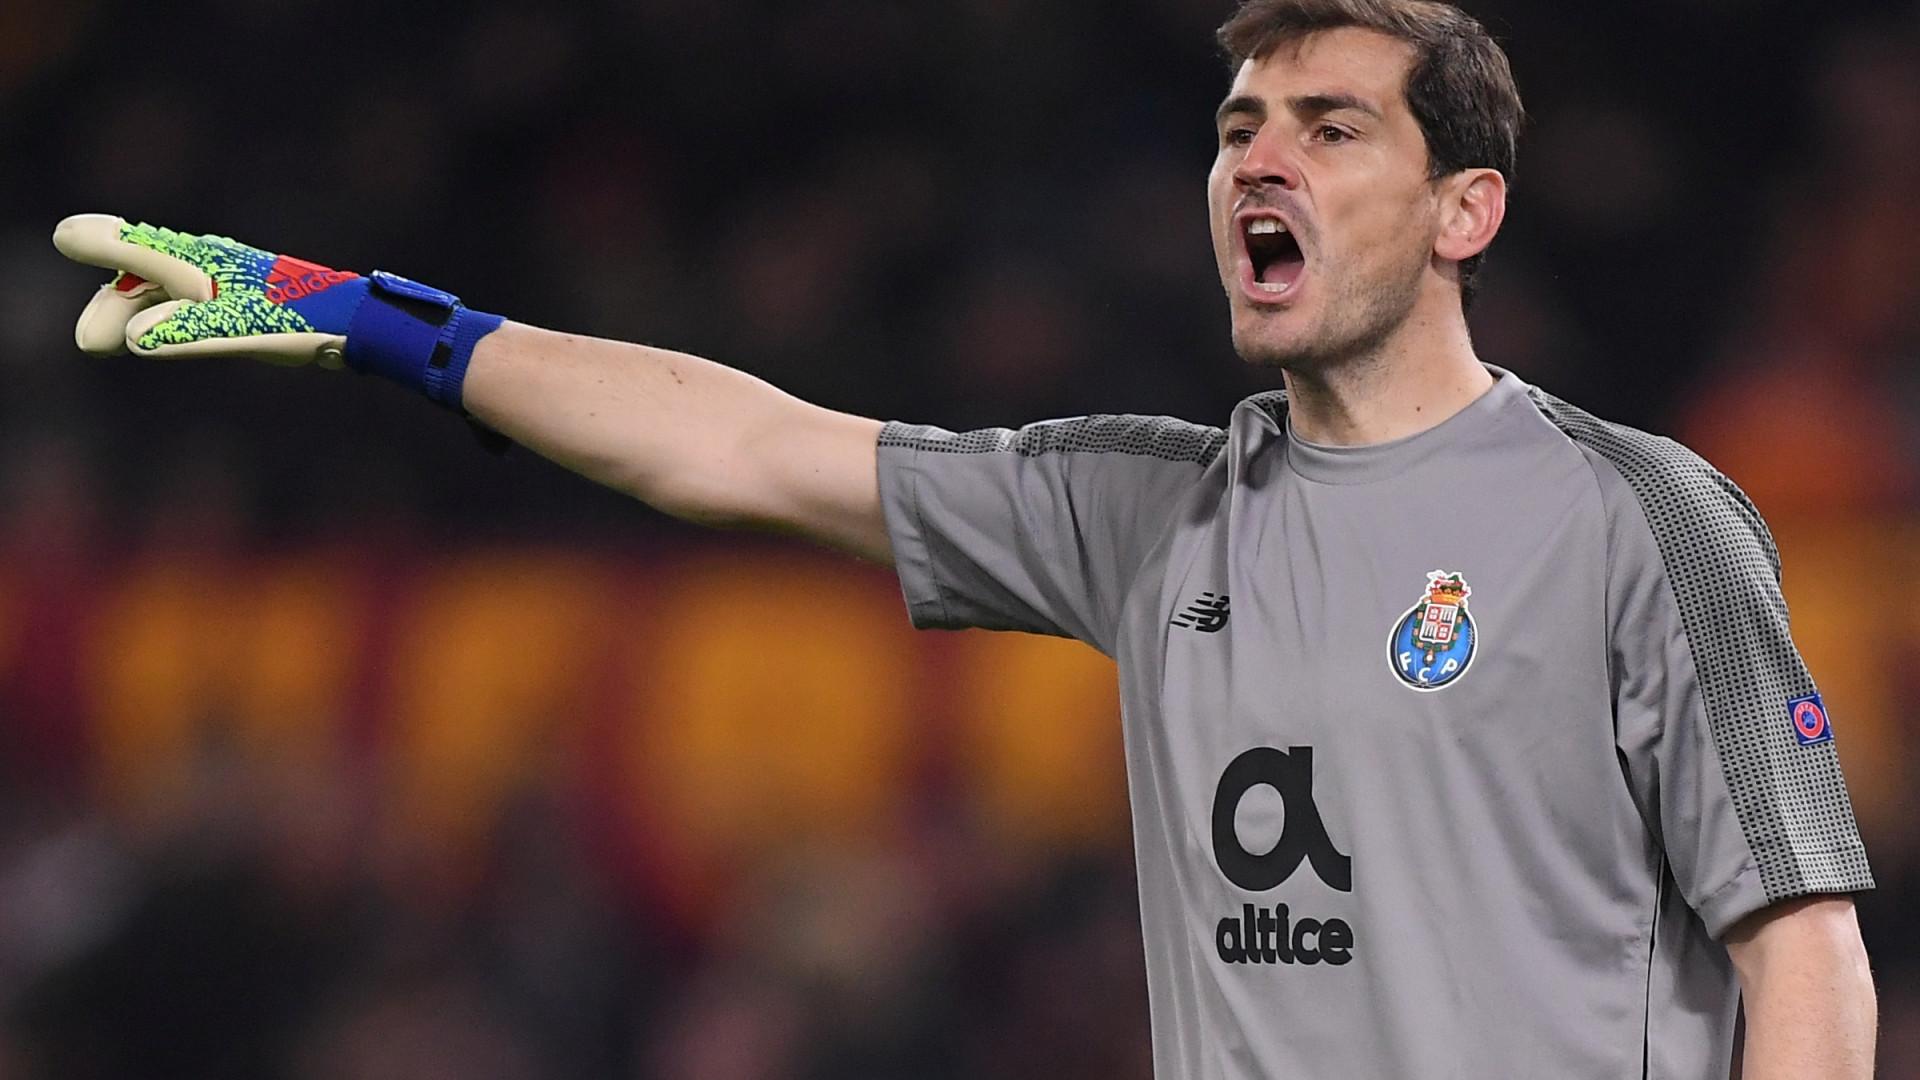 """Casillas: """"Fez-se justiça com o 2-1 e a eliminatória está em aberto"""""""